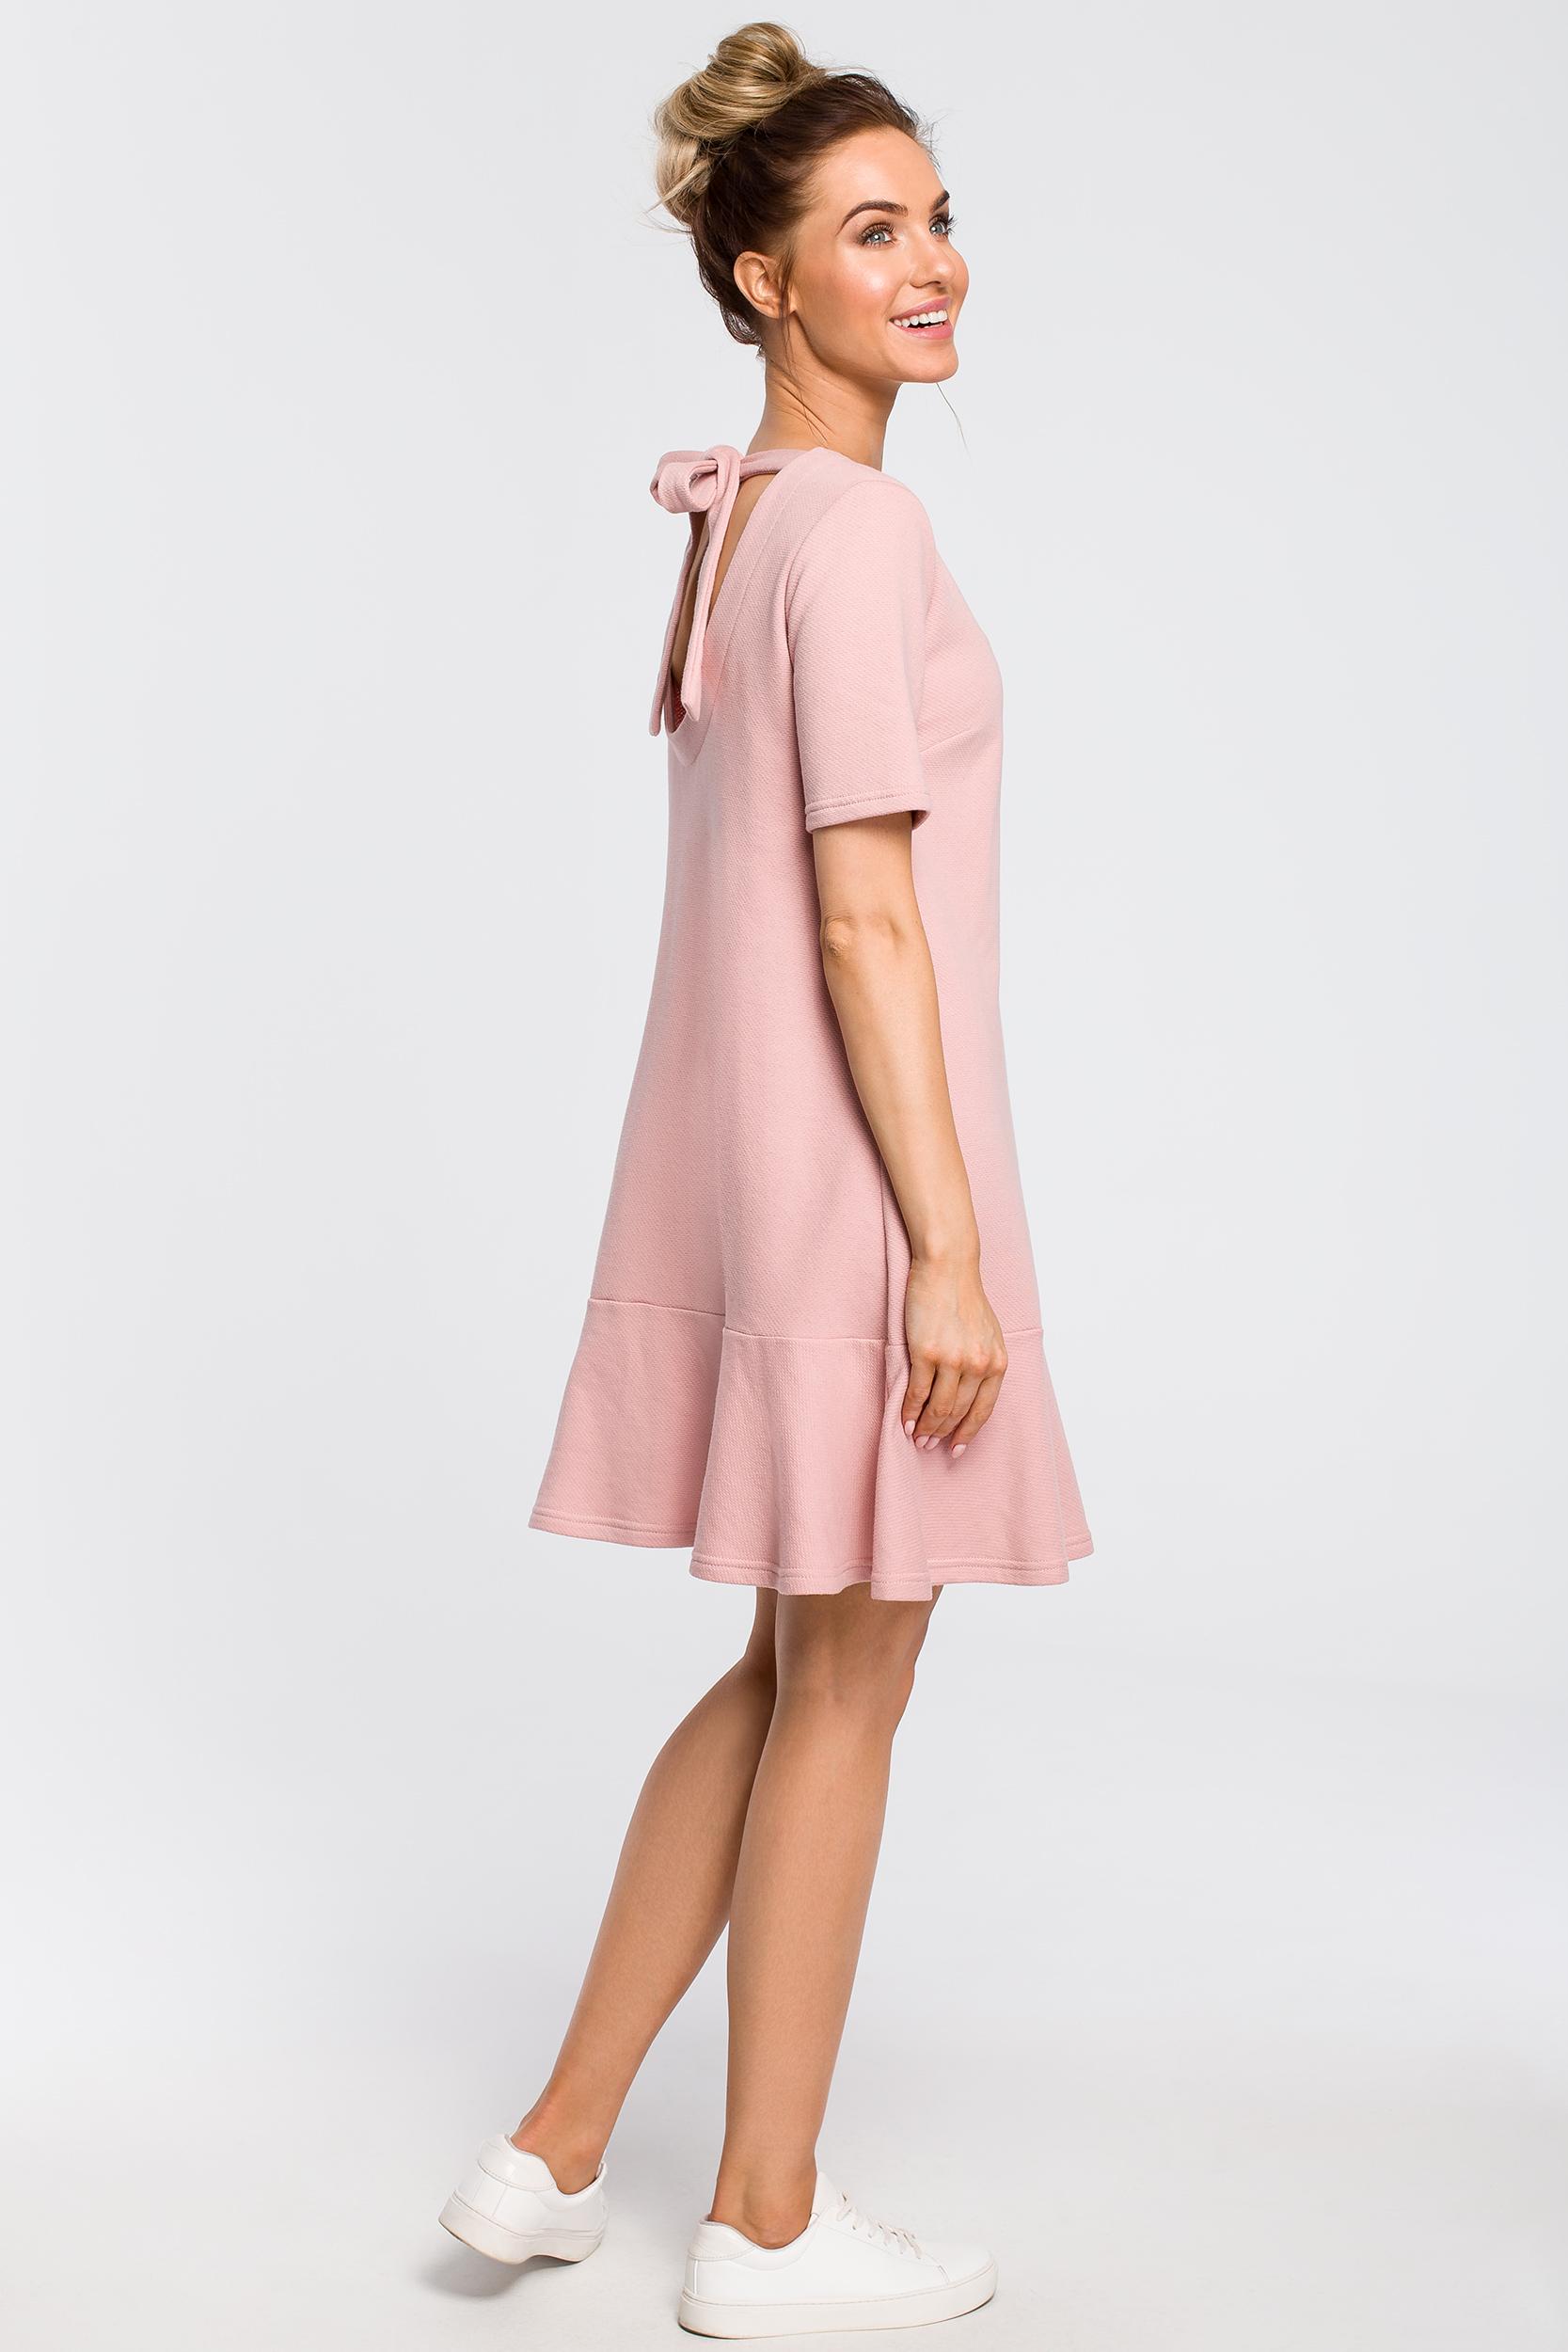 CM4100 Luźna sukienka z wiązaniem na plecach - pudrowa